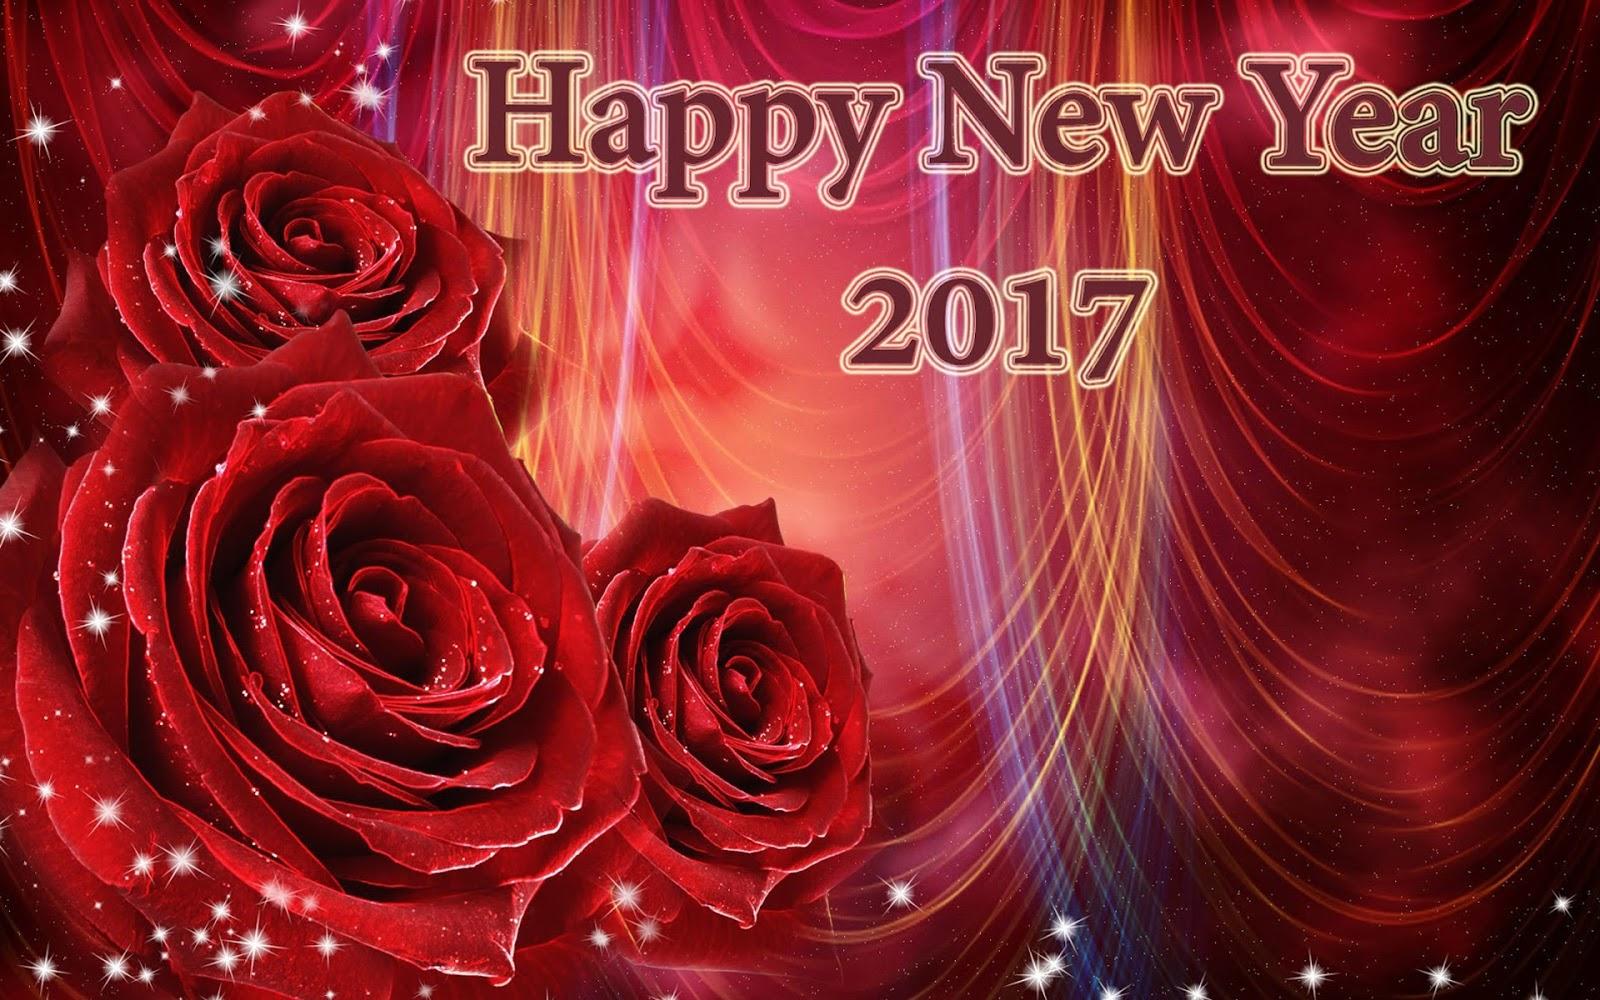 Hình nền tết 2017 đẹp chào đón năm mới - hình 03